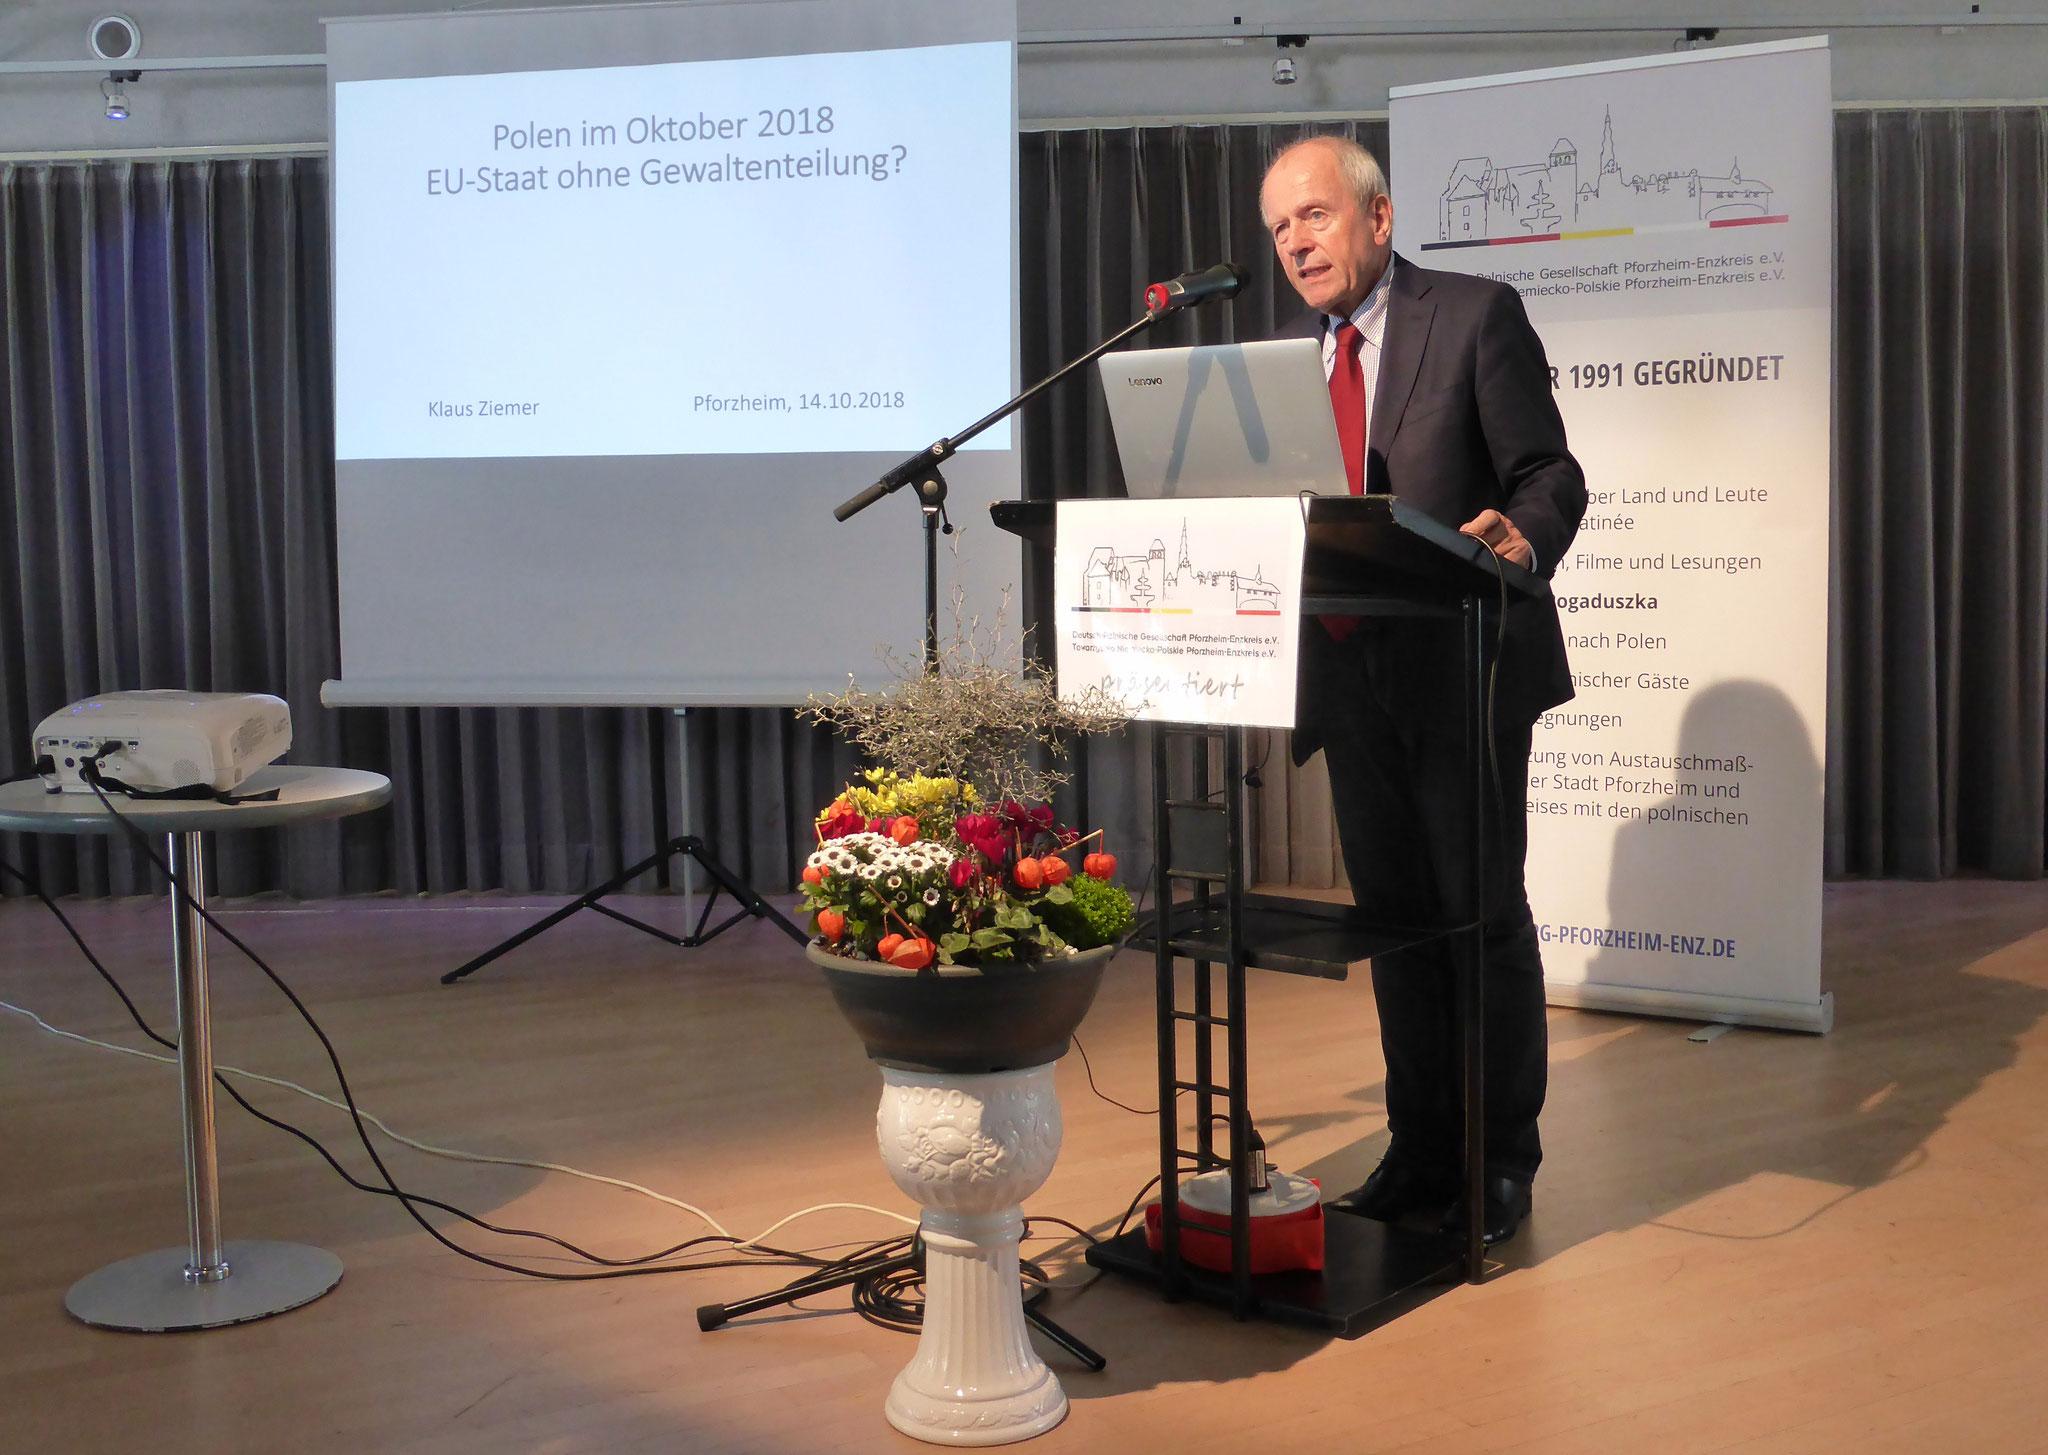 K. Ziemer beim Vortrag